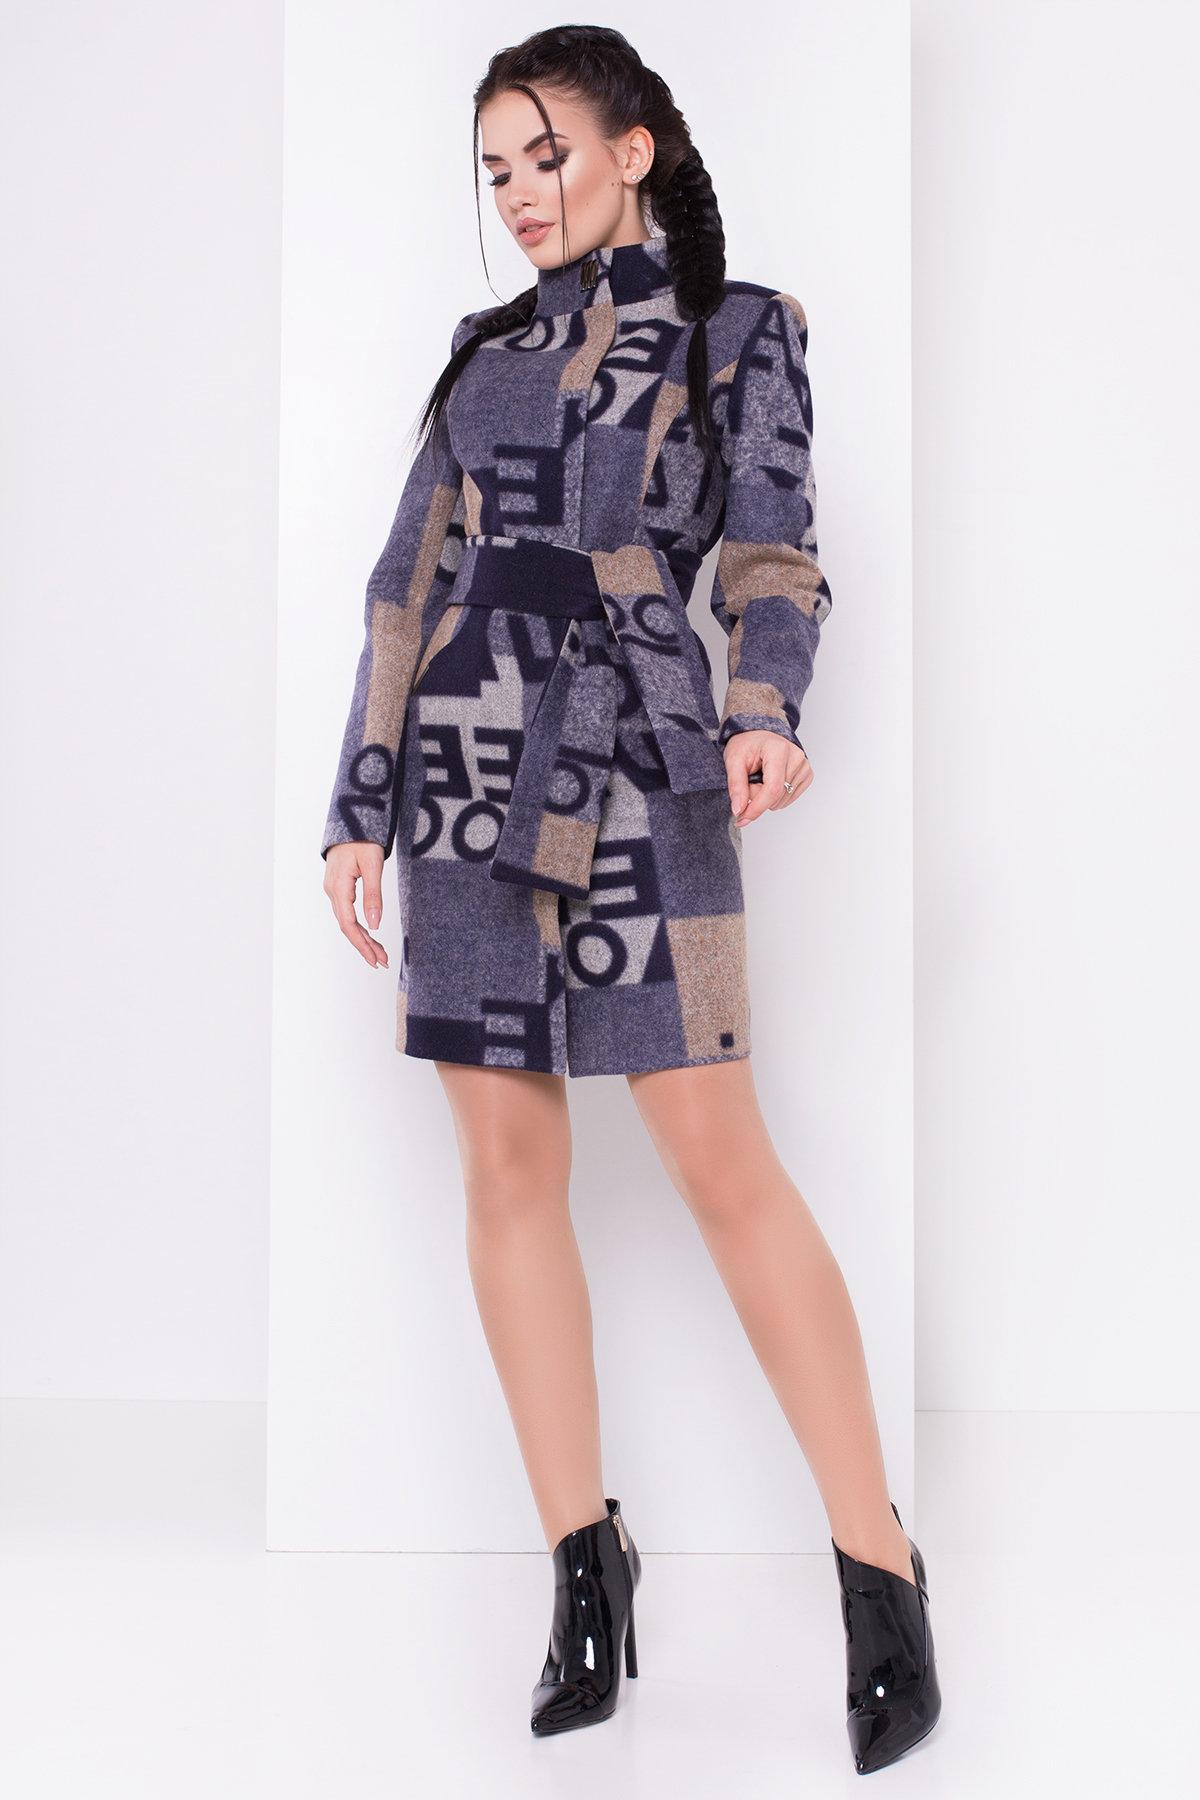 Купить пальто оптом Украина Пальто Луара 0505